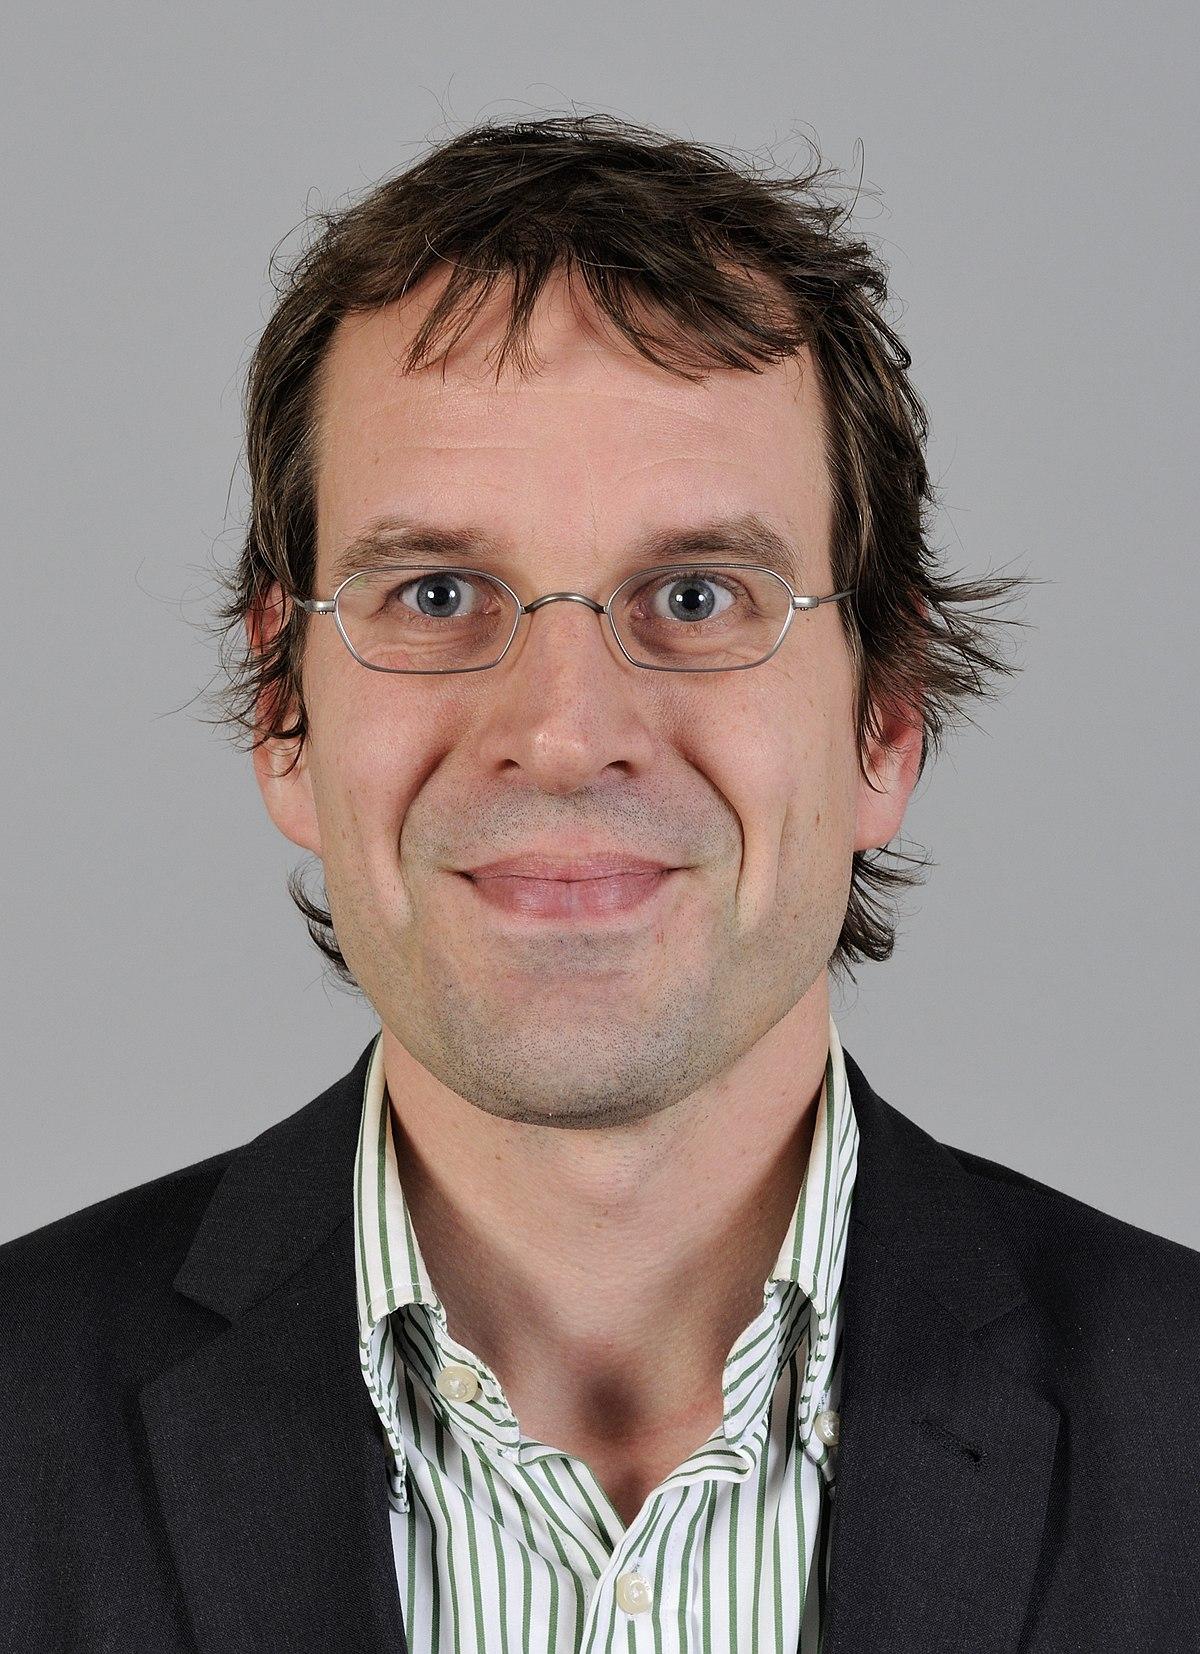 Ausbildung Mit Abitur >> Michael Schäfer (Politiker, 1972) – Wikipedia